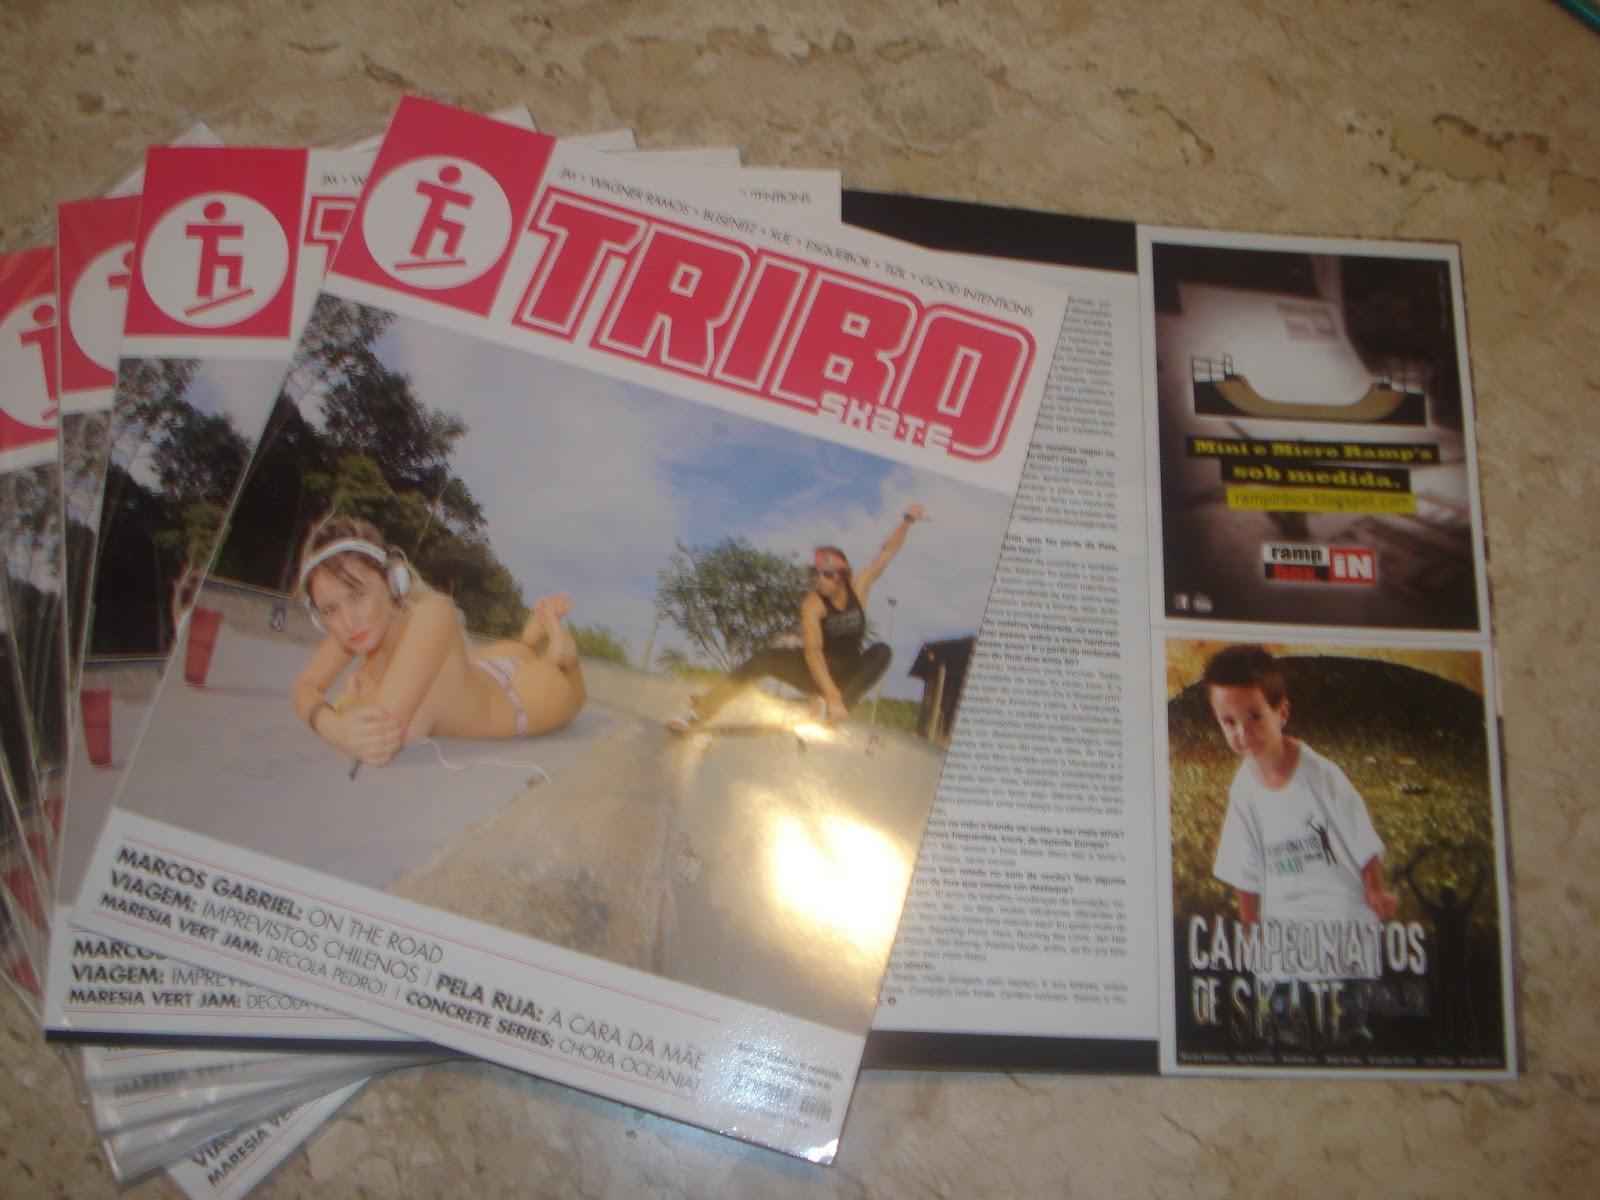 Campanha R.I.B. Mar. 2013 - Revista Tribo Skate - Edição 209